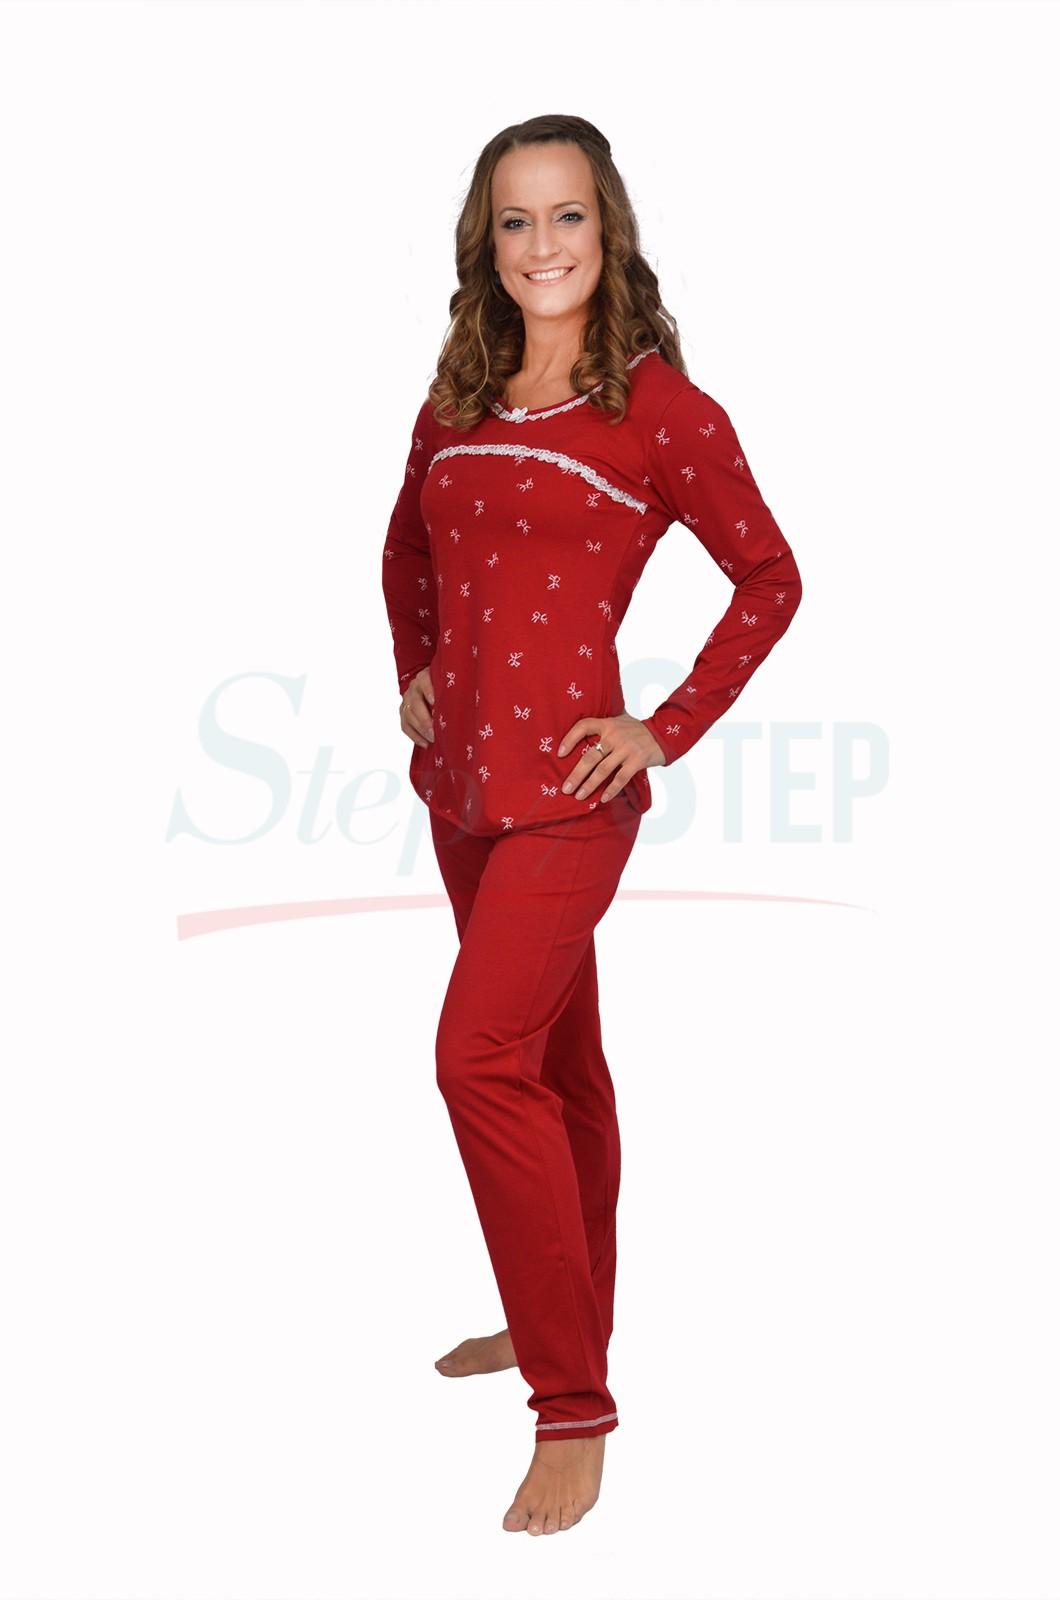 NEW Дамска памучна пижама Time to relax - червено с дантела